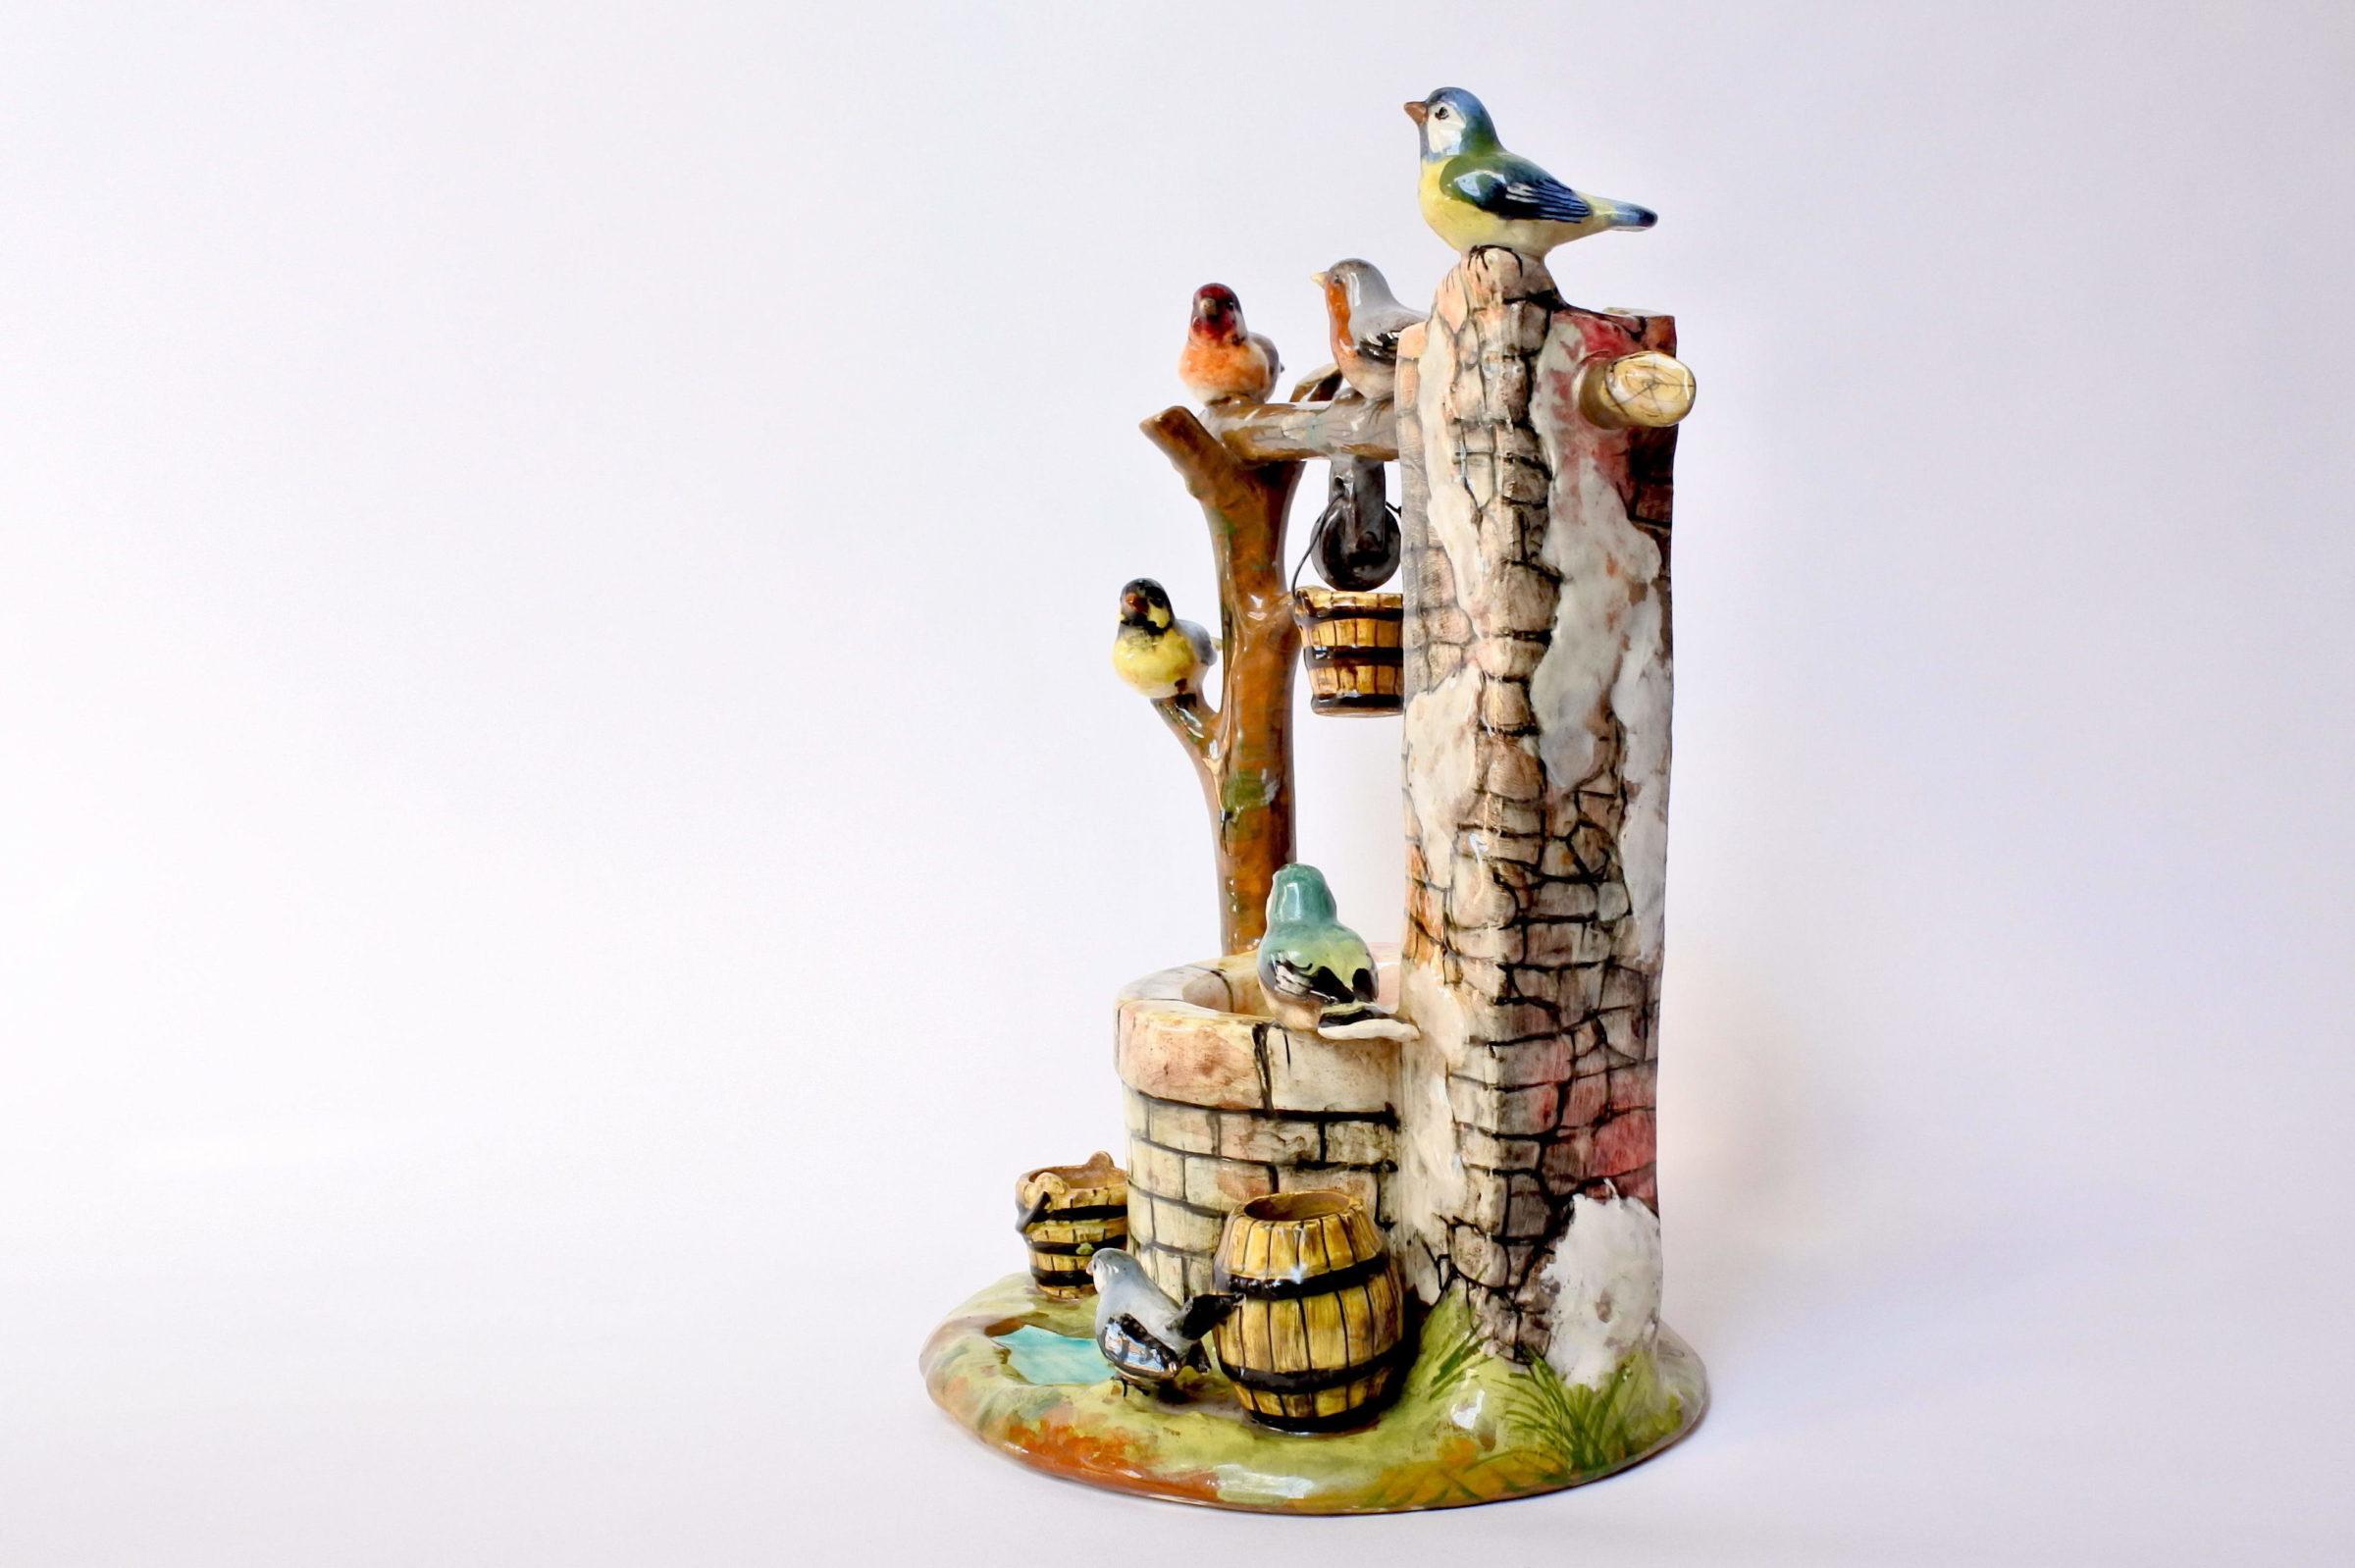 Jardinière Massier in ceramica barbotine a forma di pozzo con uccellini - 2